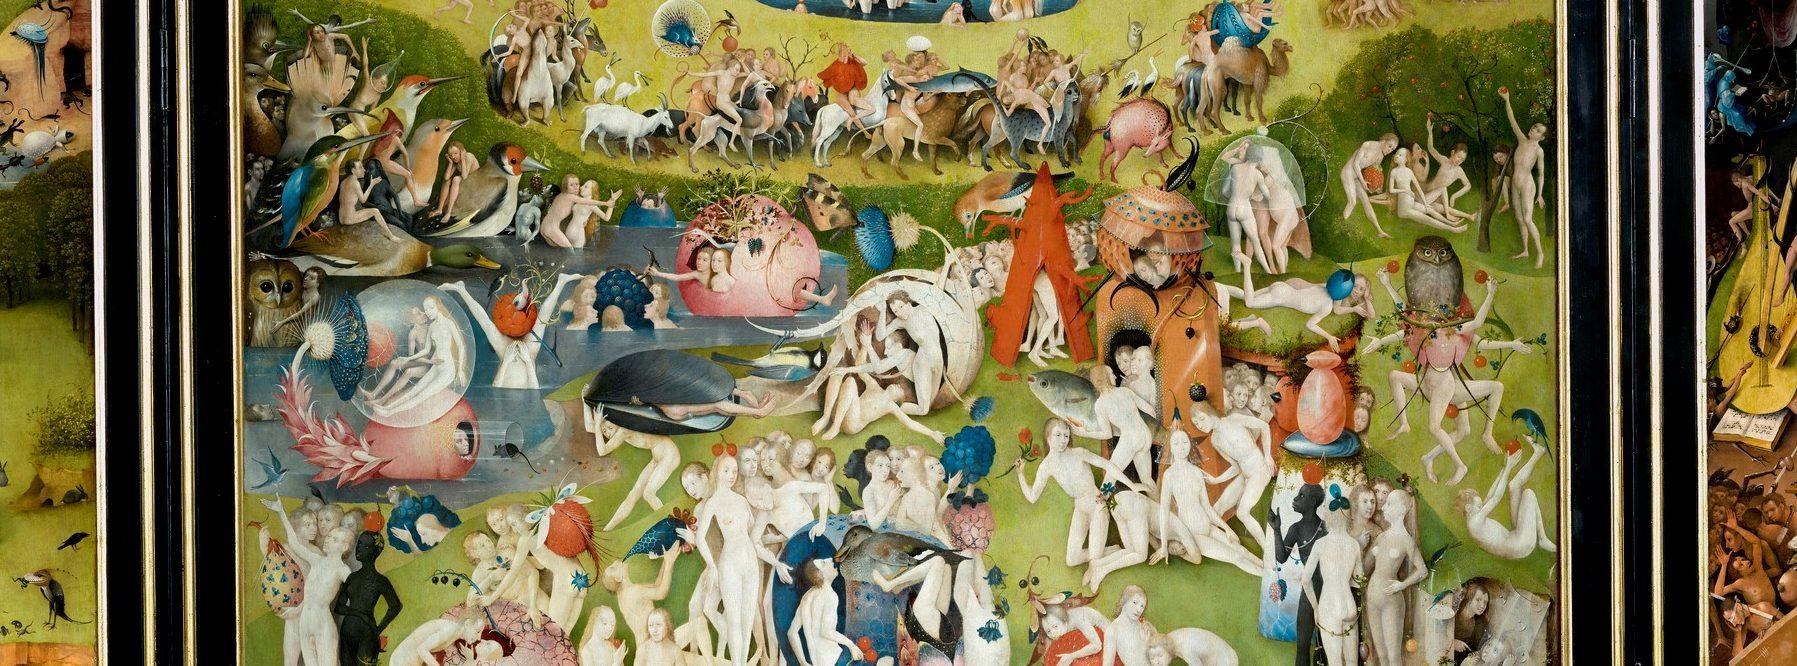 El Museo del Prado y Telefónica lanzan un MOOC sobre El Bosco